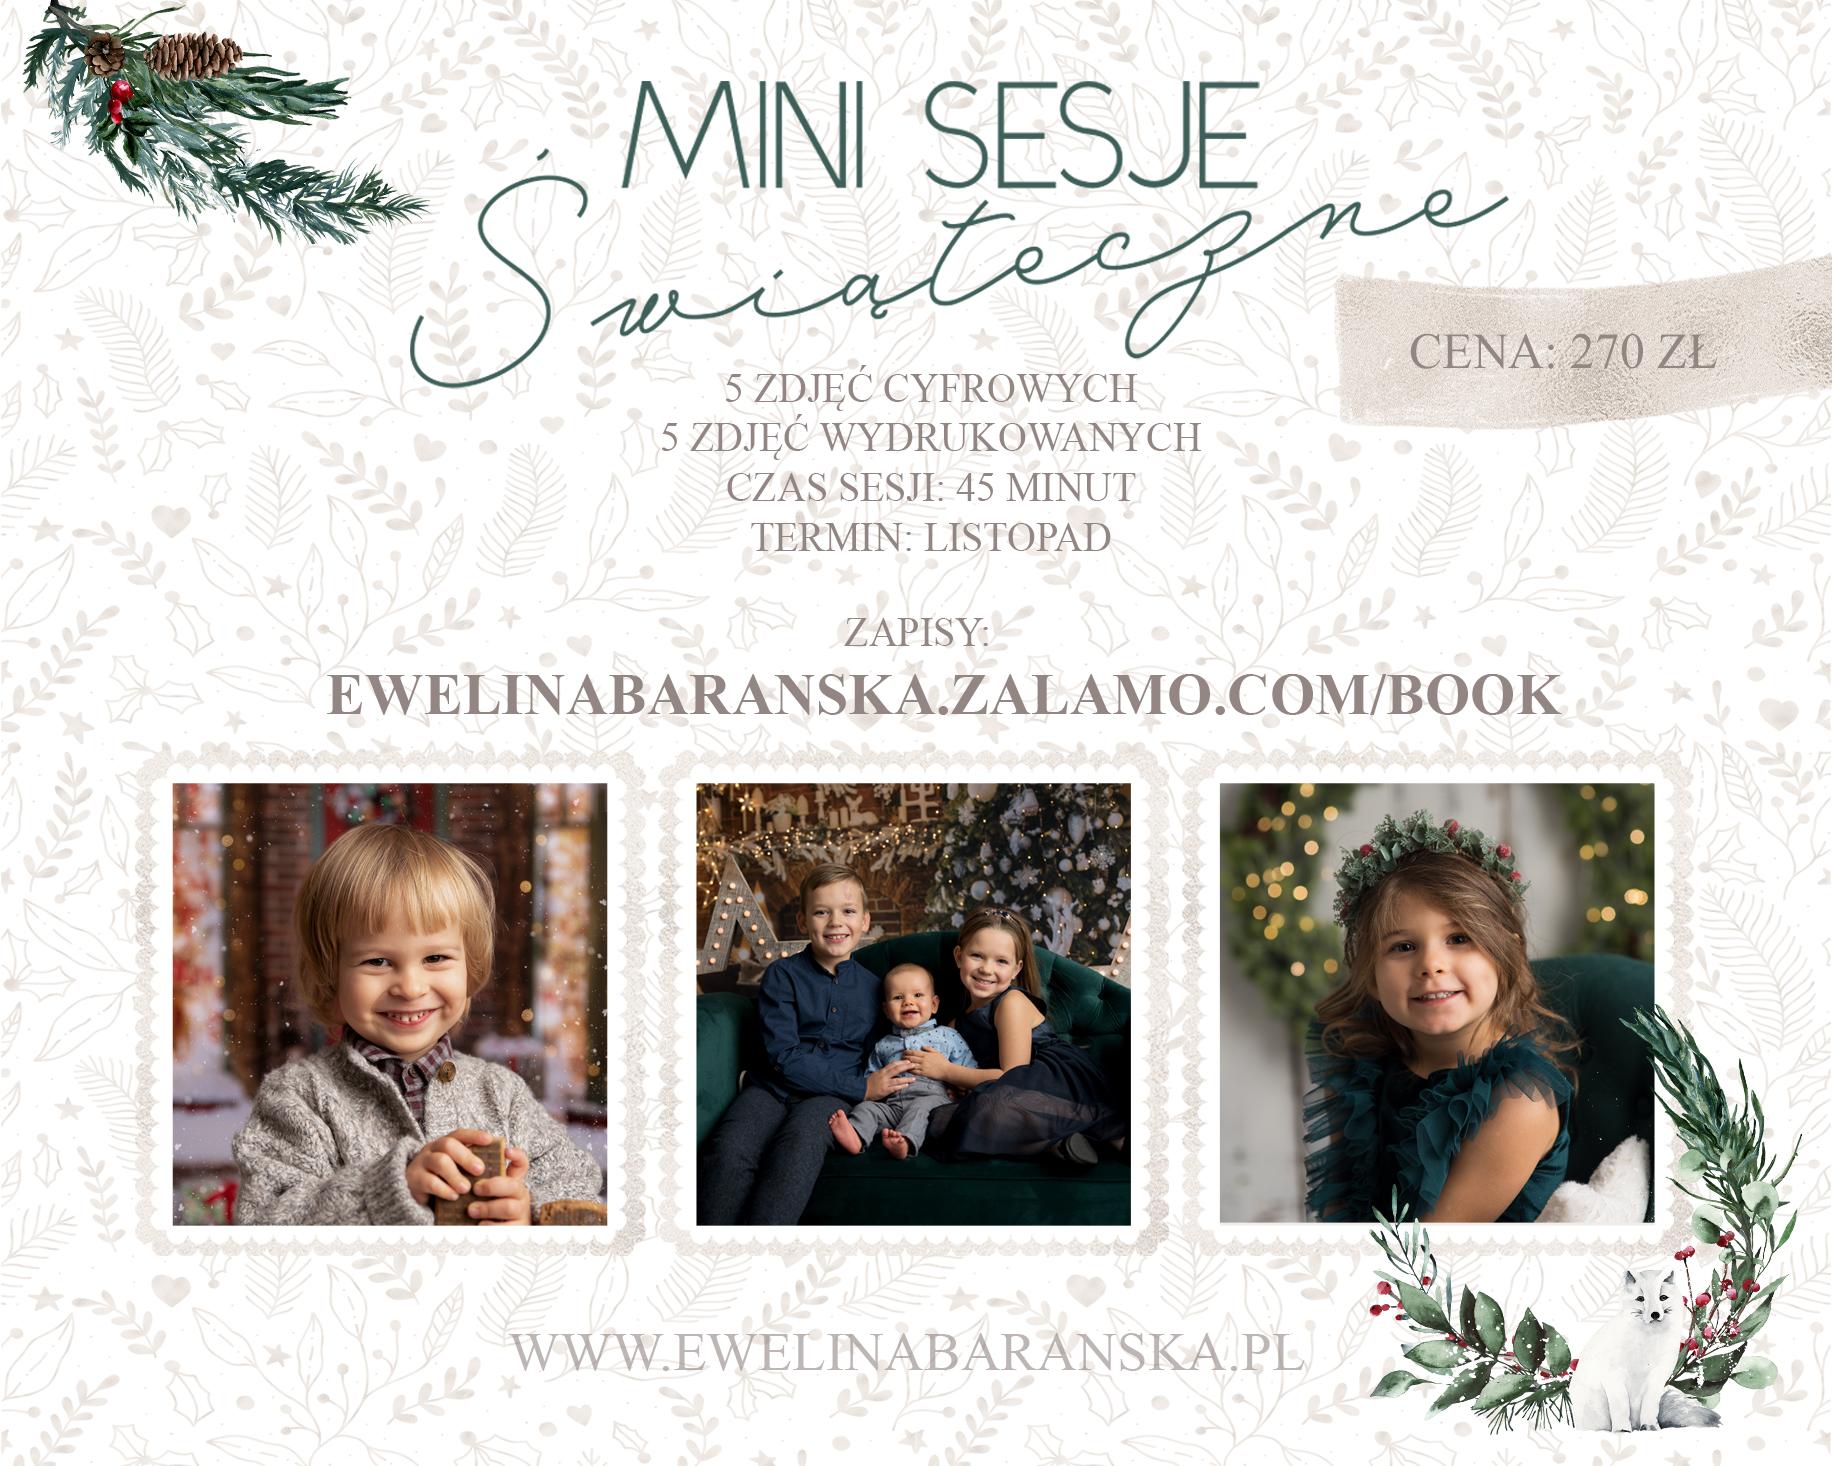 Mini sesje świąteczne / Rybnik